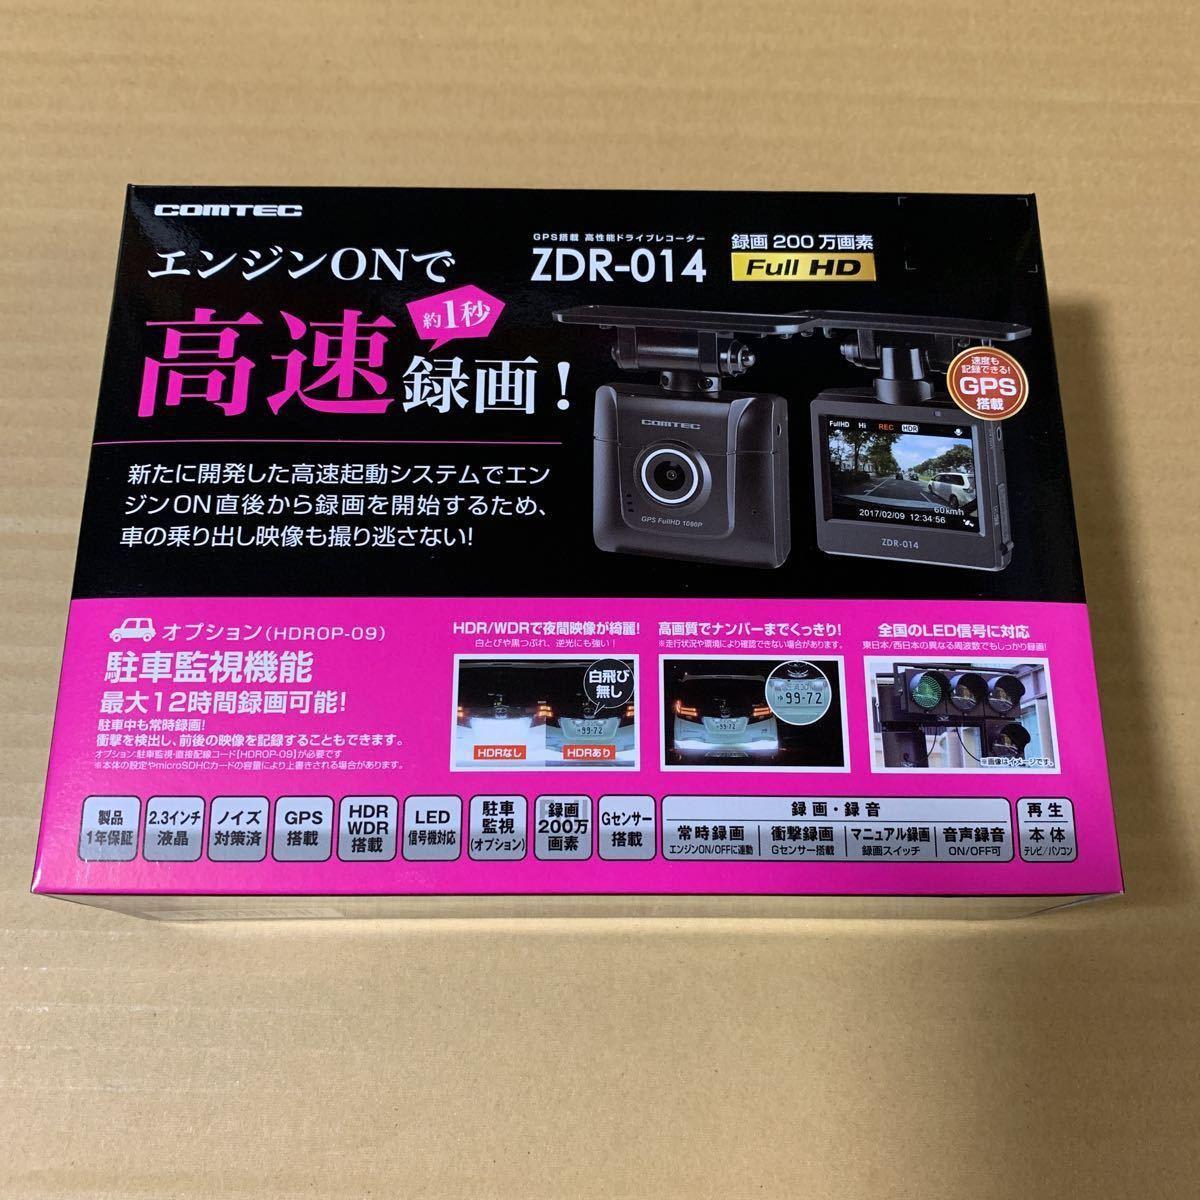 【ドラレコ】美品!中古 コムテックGPS搭載 高性能ドライブレコーダー ZDR-014